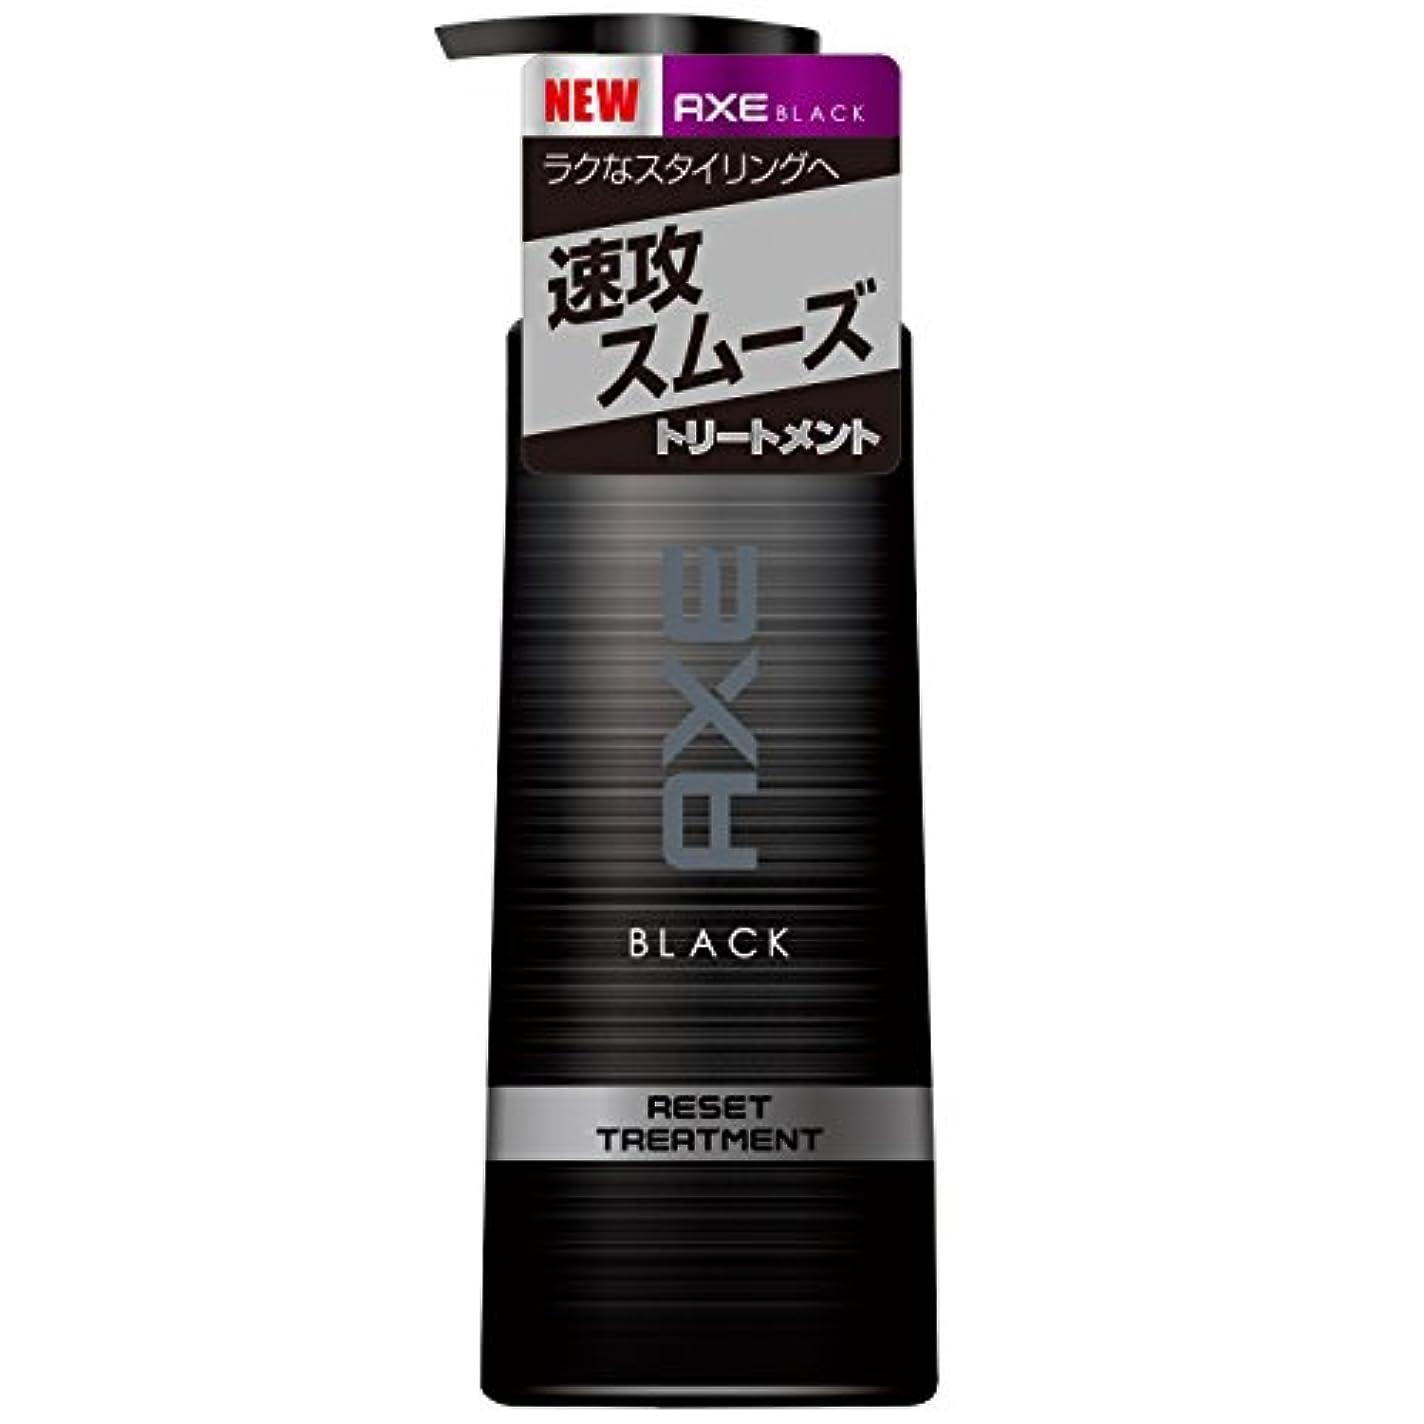 植物学融合腹部アックス ブラック 男性用 トリートメント ポンプ (速攻スムーズ、ラクなスタイリングへ) 350g (クールマリンのさりげない香り)